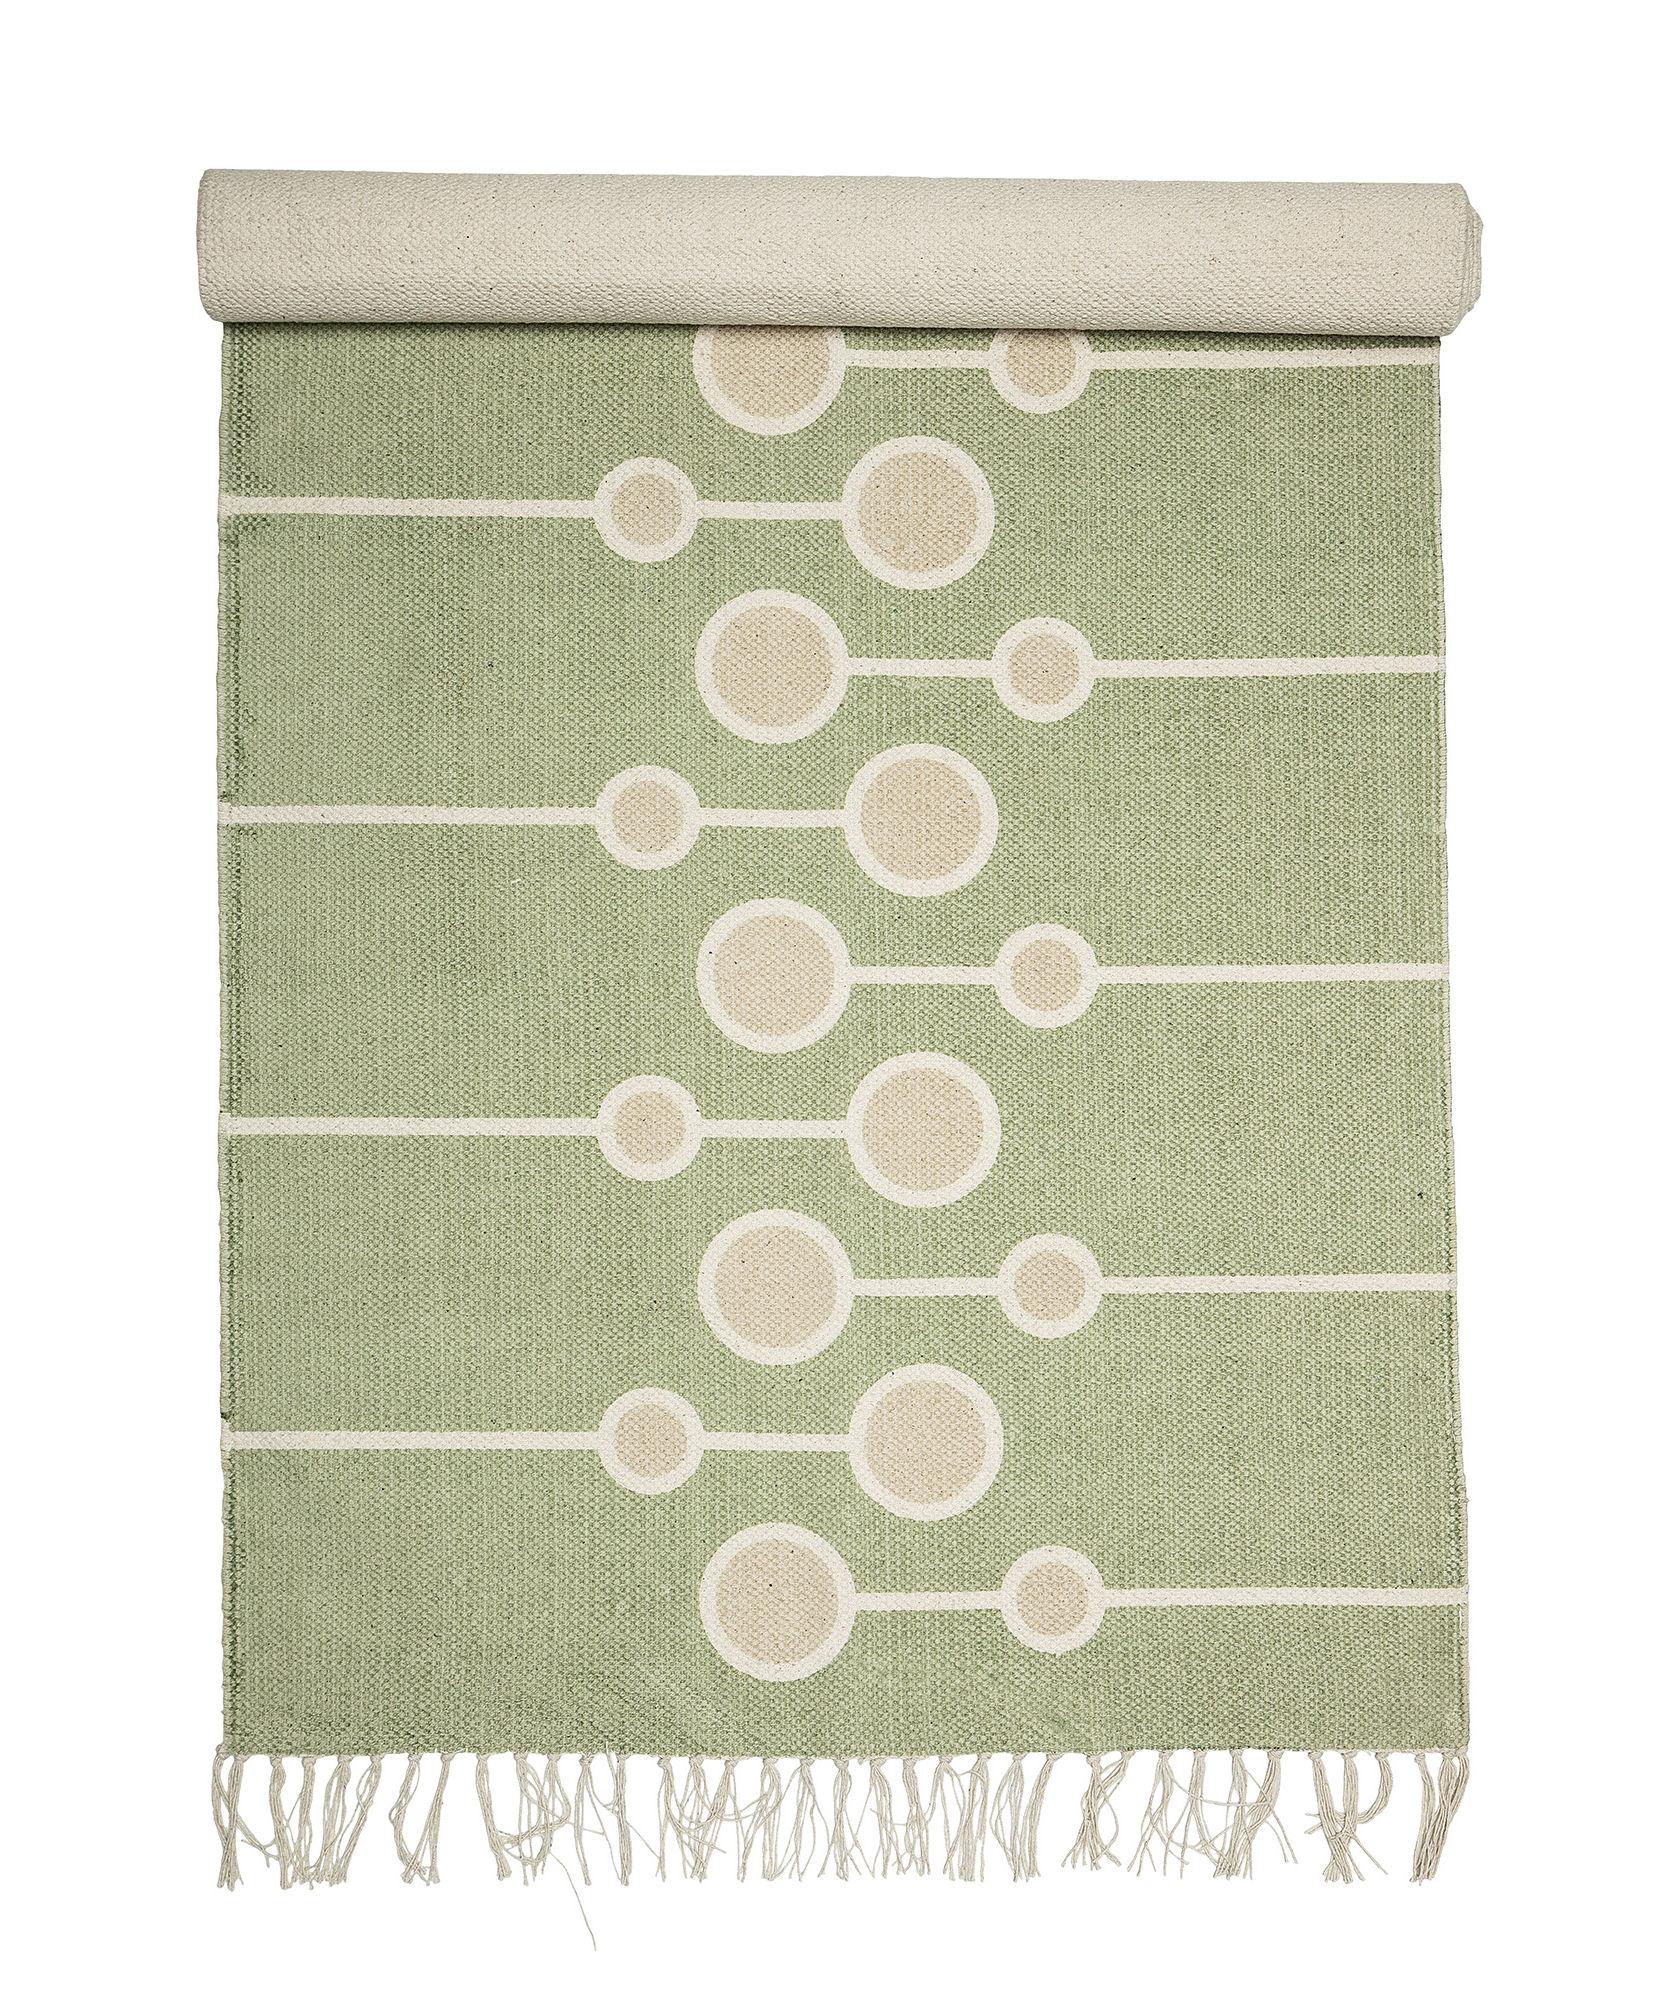 Déco - Tapis - Tapis / Coton - 200 x 70 cm - Bloomingville - Vert - Coton